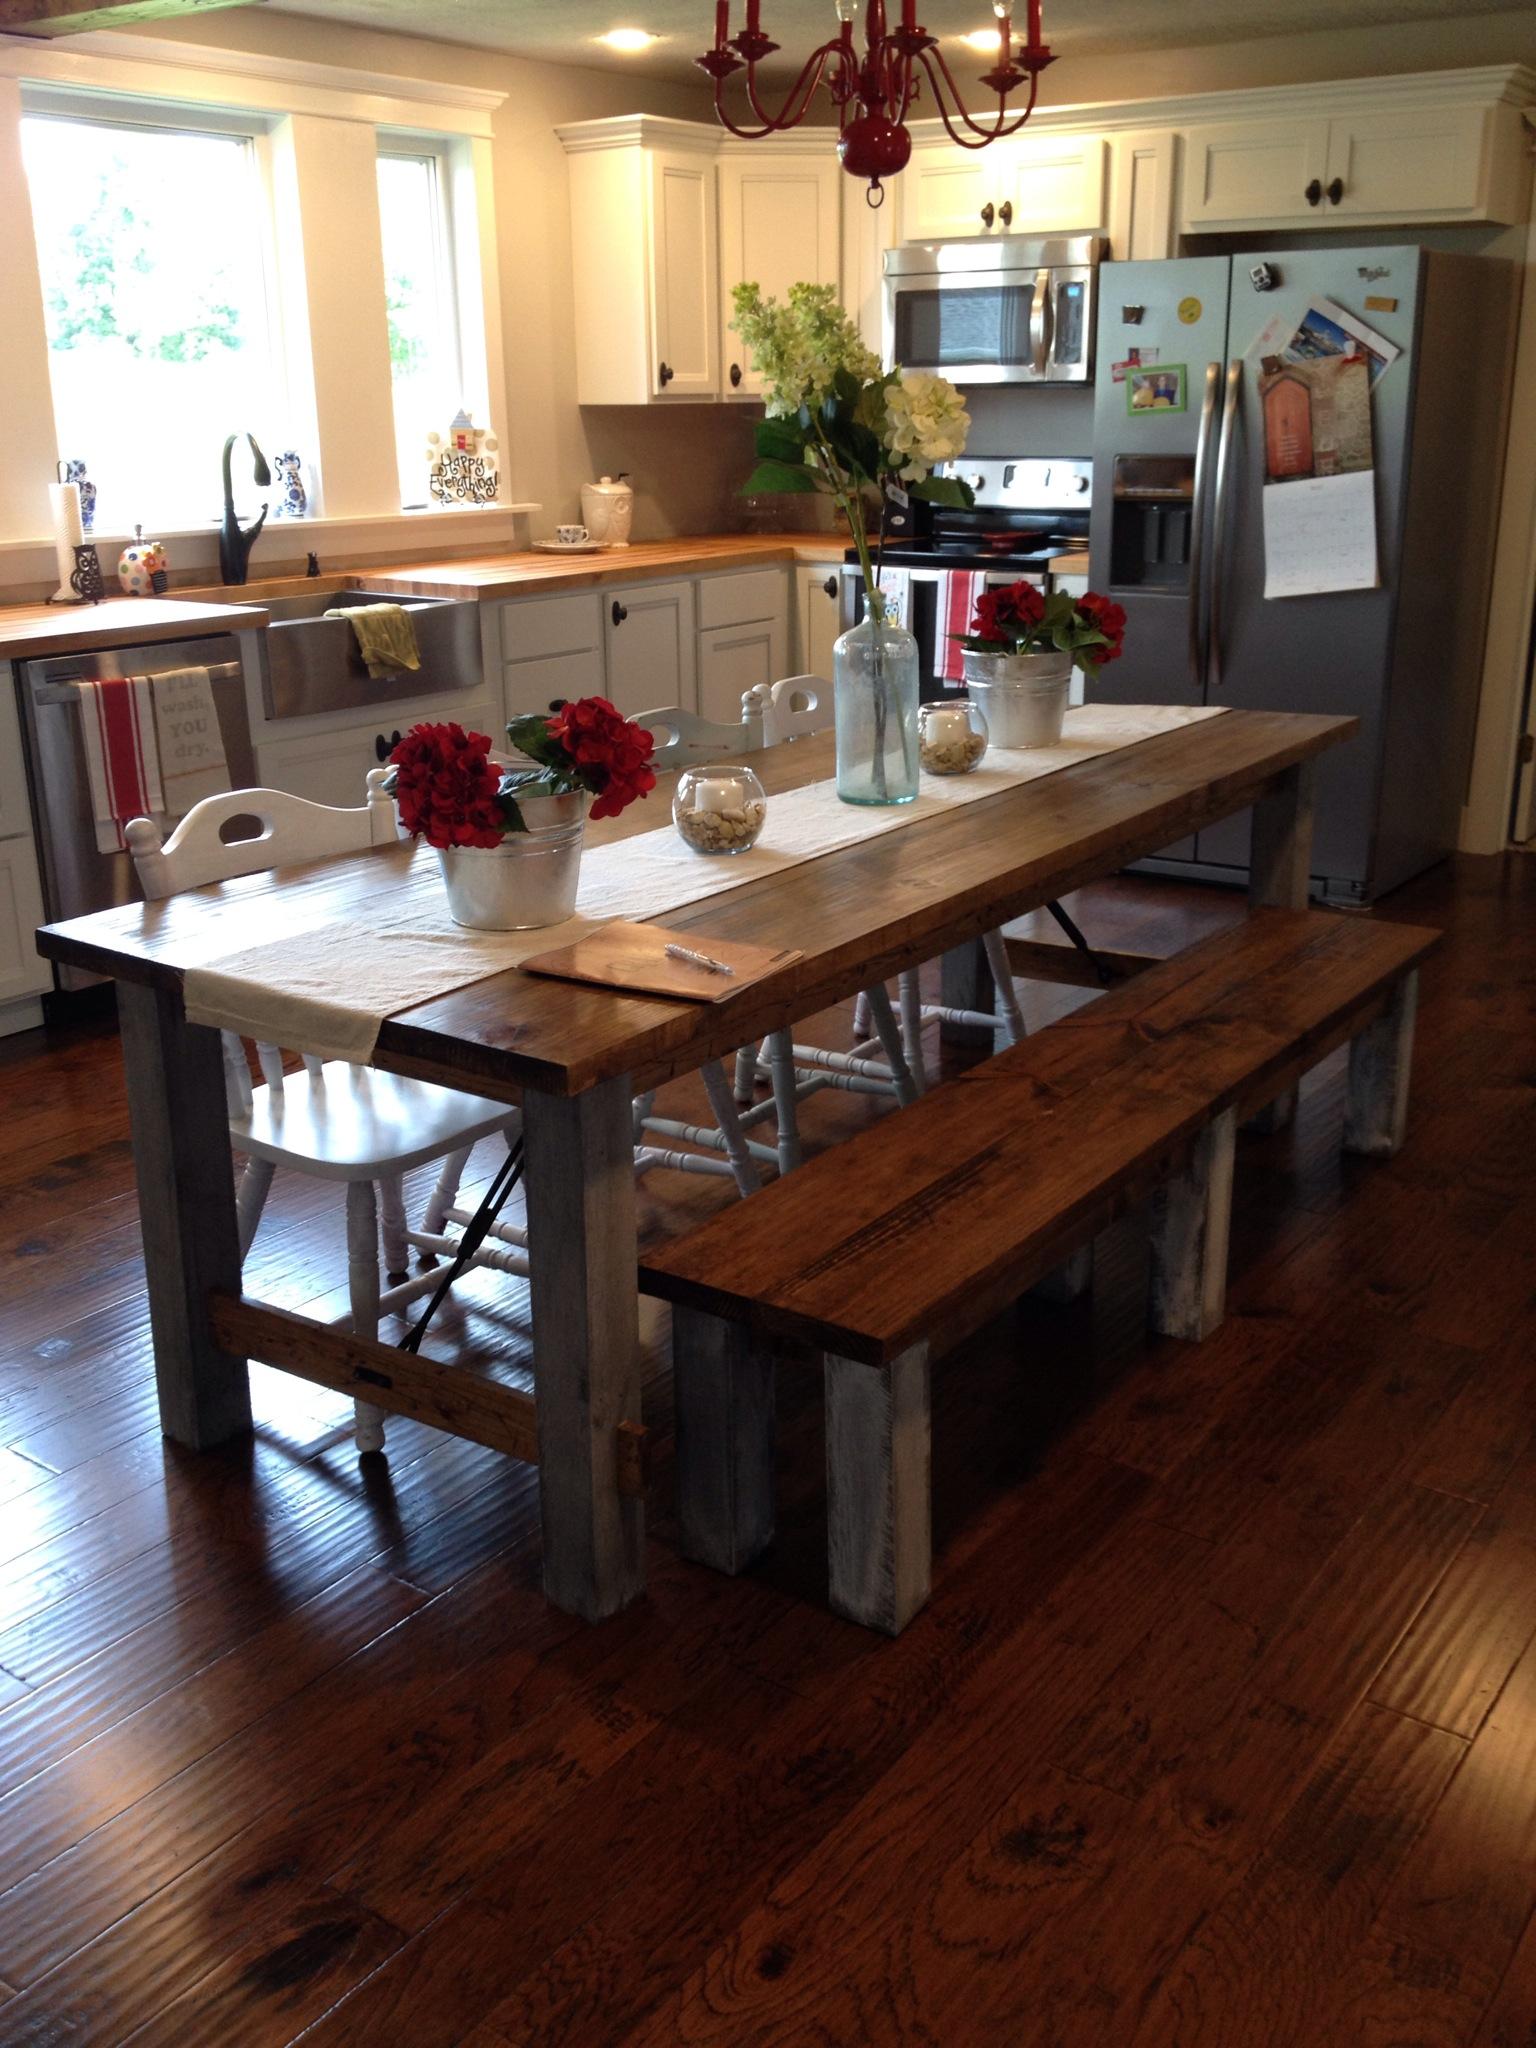 Farmhouse DIY kitchen table